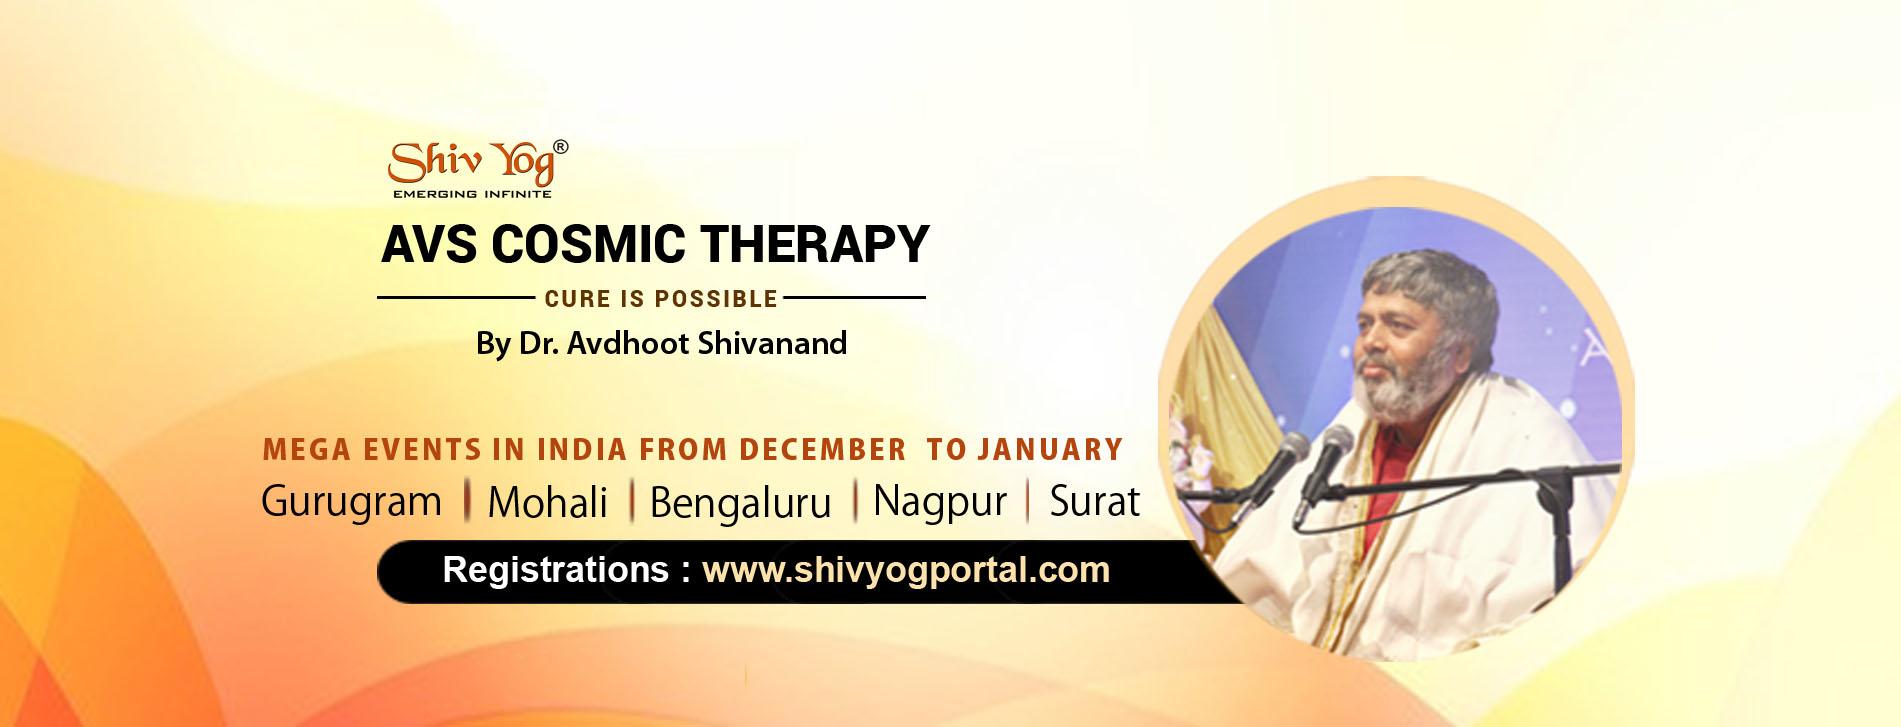 Home - Shiv Yog